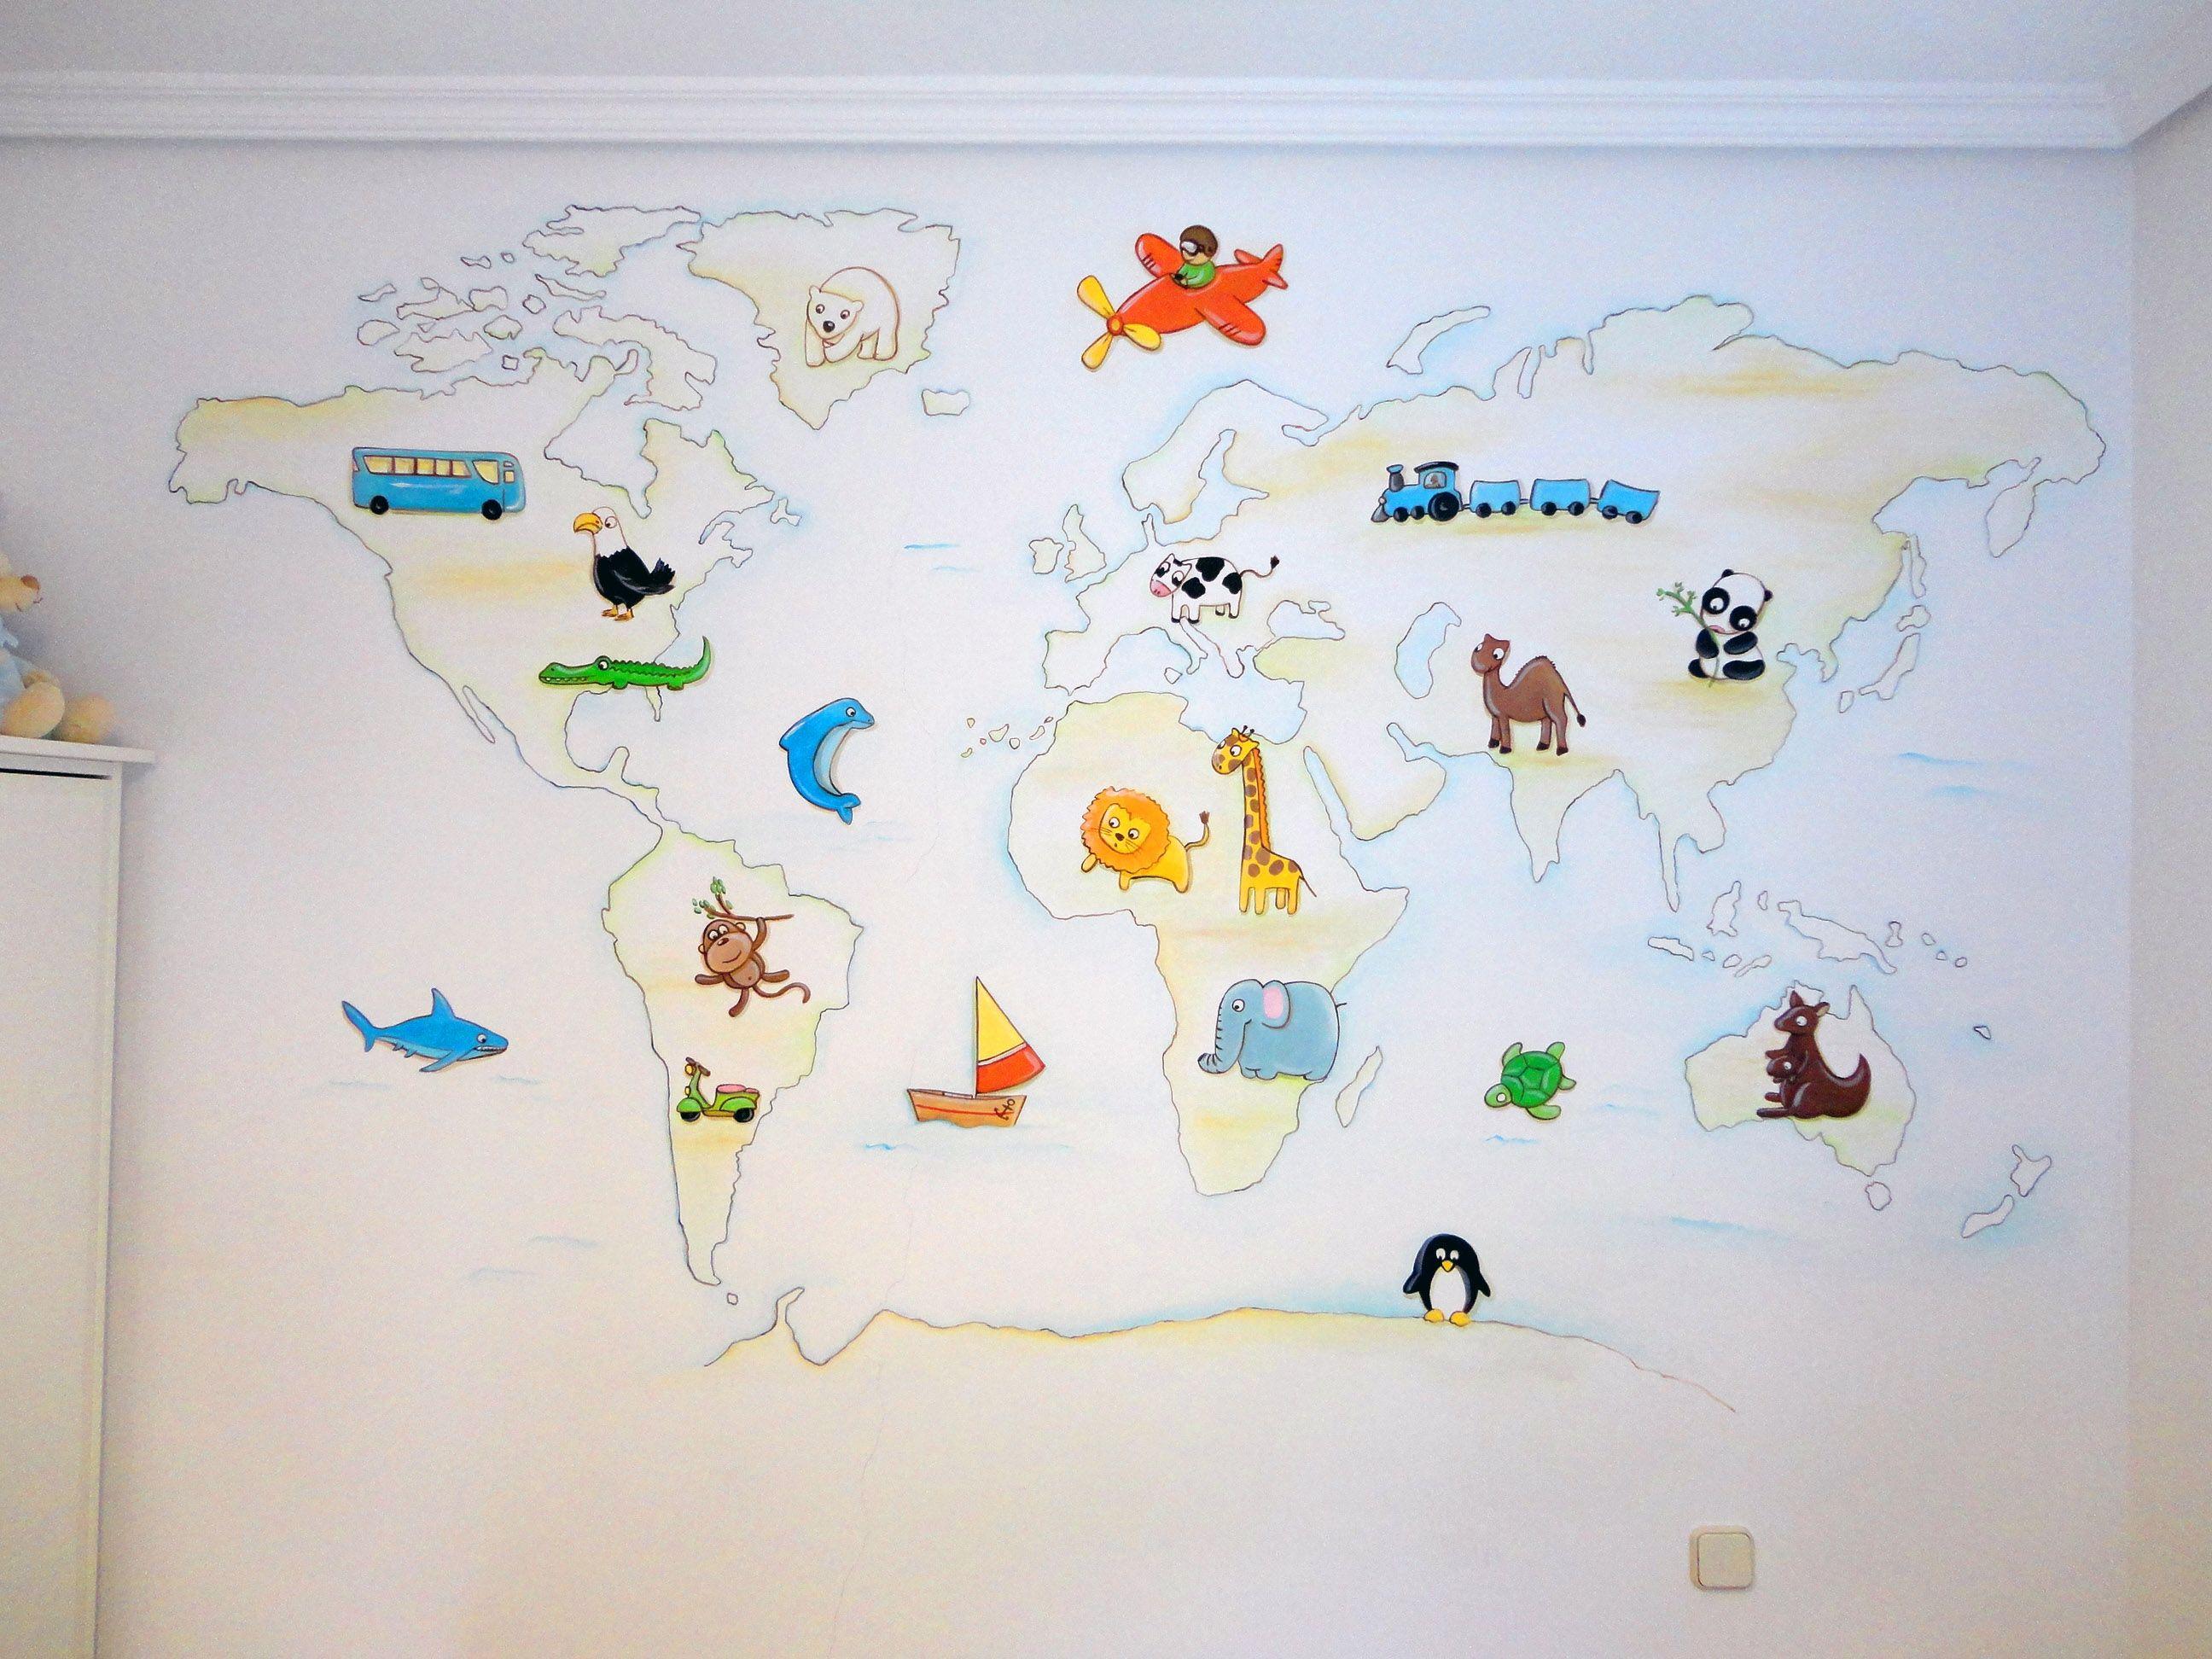 Mural pintado mapamundi murales infantiles pinterest - Papel pintado mapamundi ...